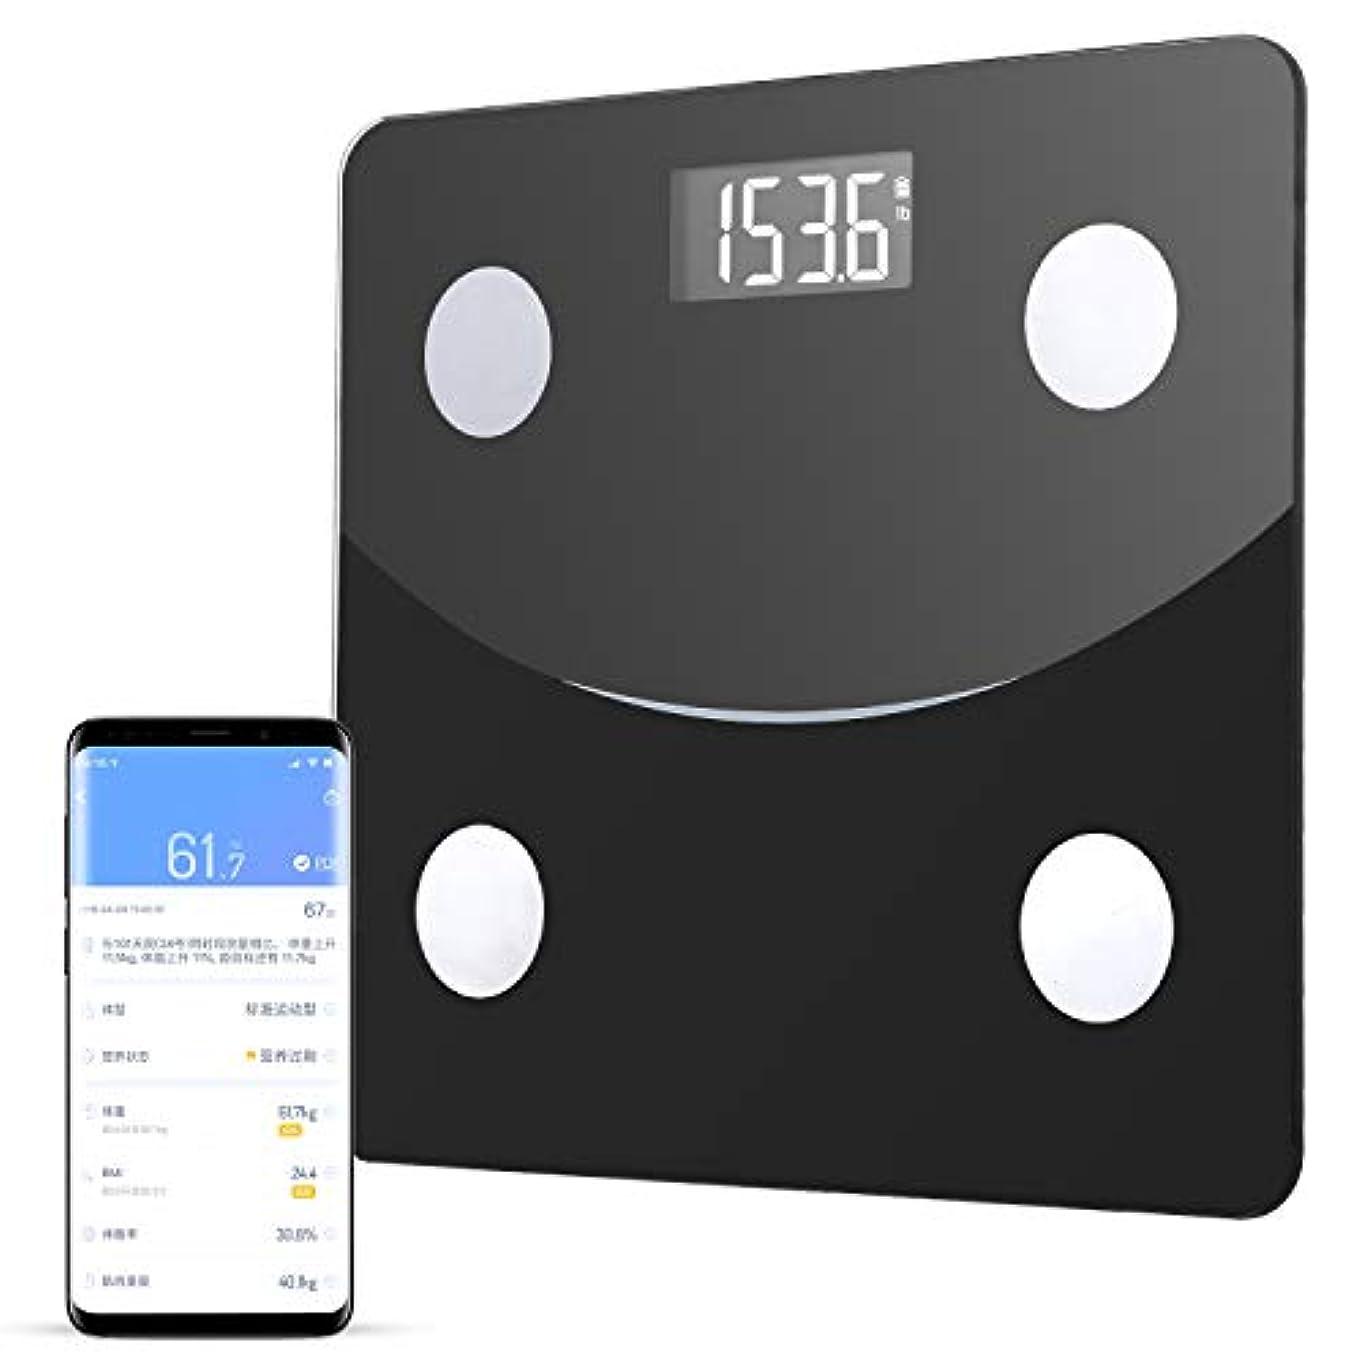 収穫普遍的な合金体重計 体組成計 体脂肪計 Bluetooth スマホ対応  体脂肪率やBMI/体重/基礎代謝など測定できる ダイエットや健康管理に役立つ 収納便利 180 kgまで 日本語説明書付き (ブラック)